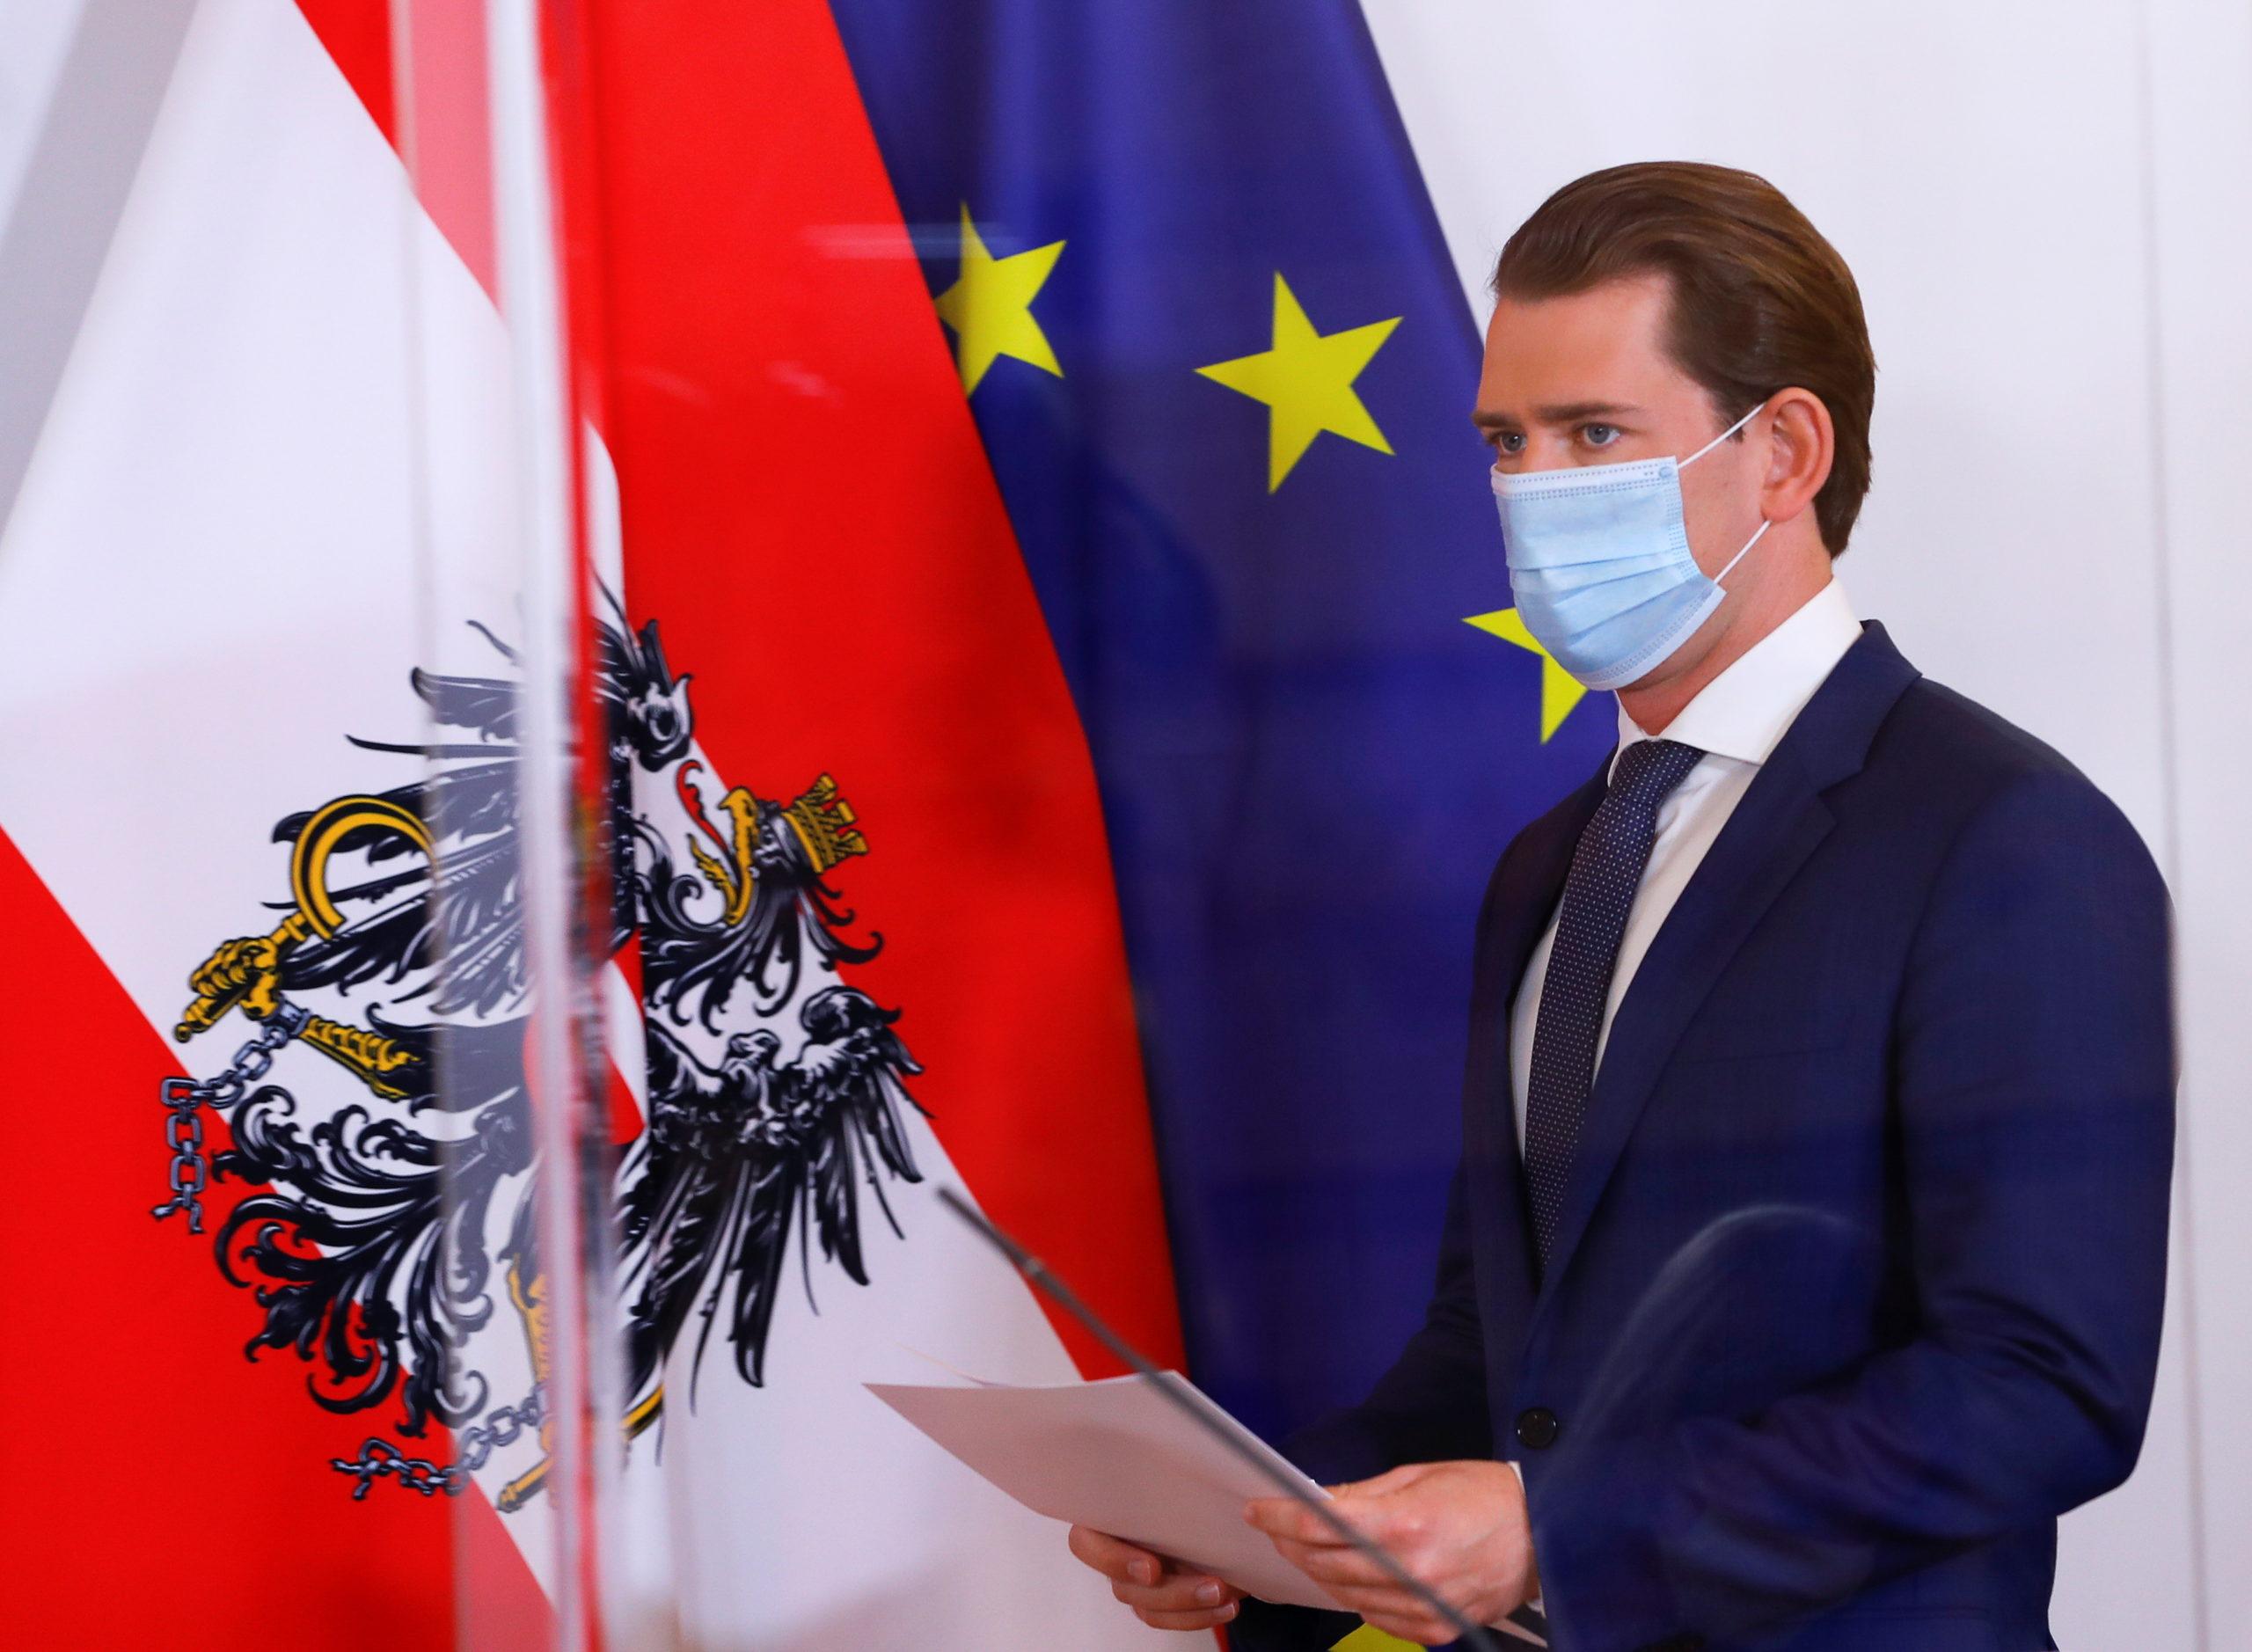 Coronavirus: L'Autriche instaure un couvre-feu et ferme les restaurants